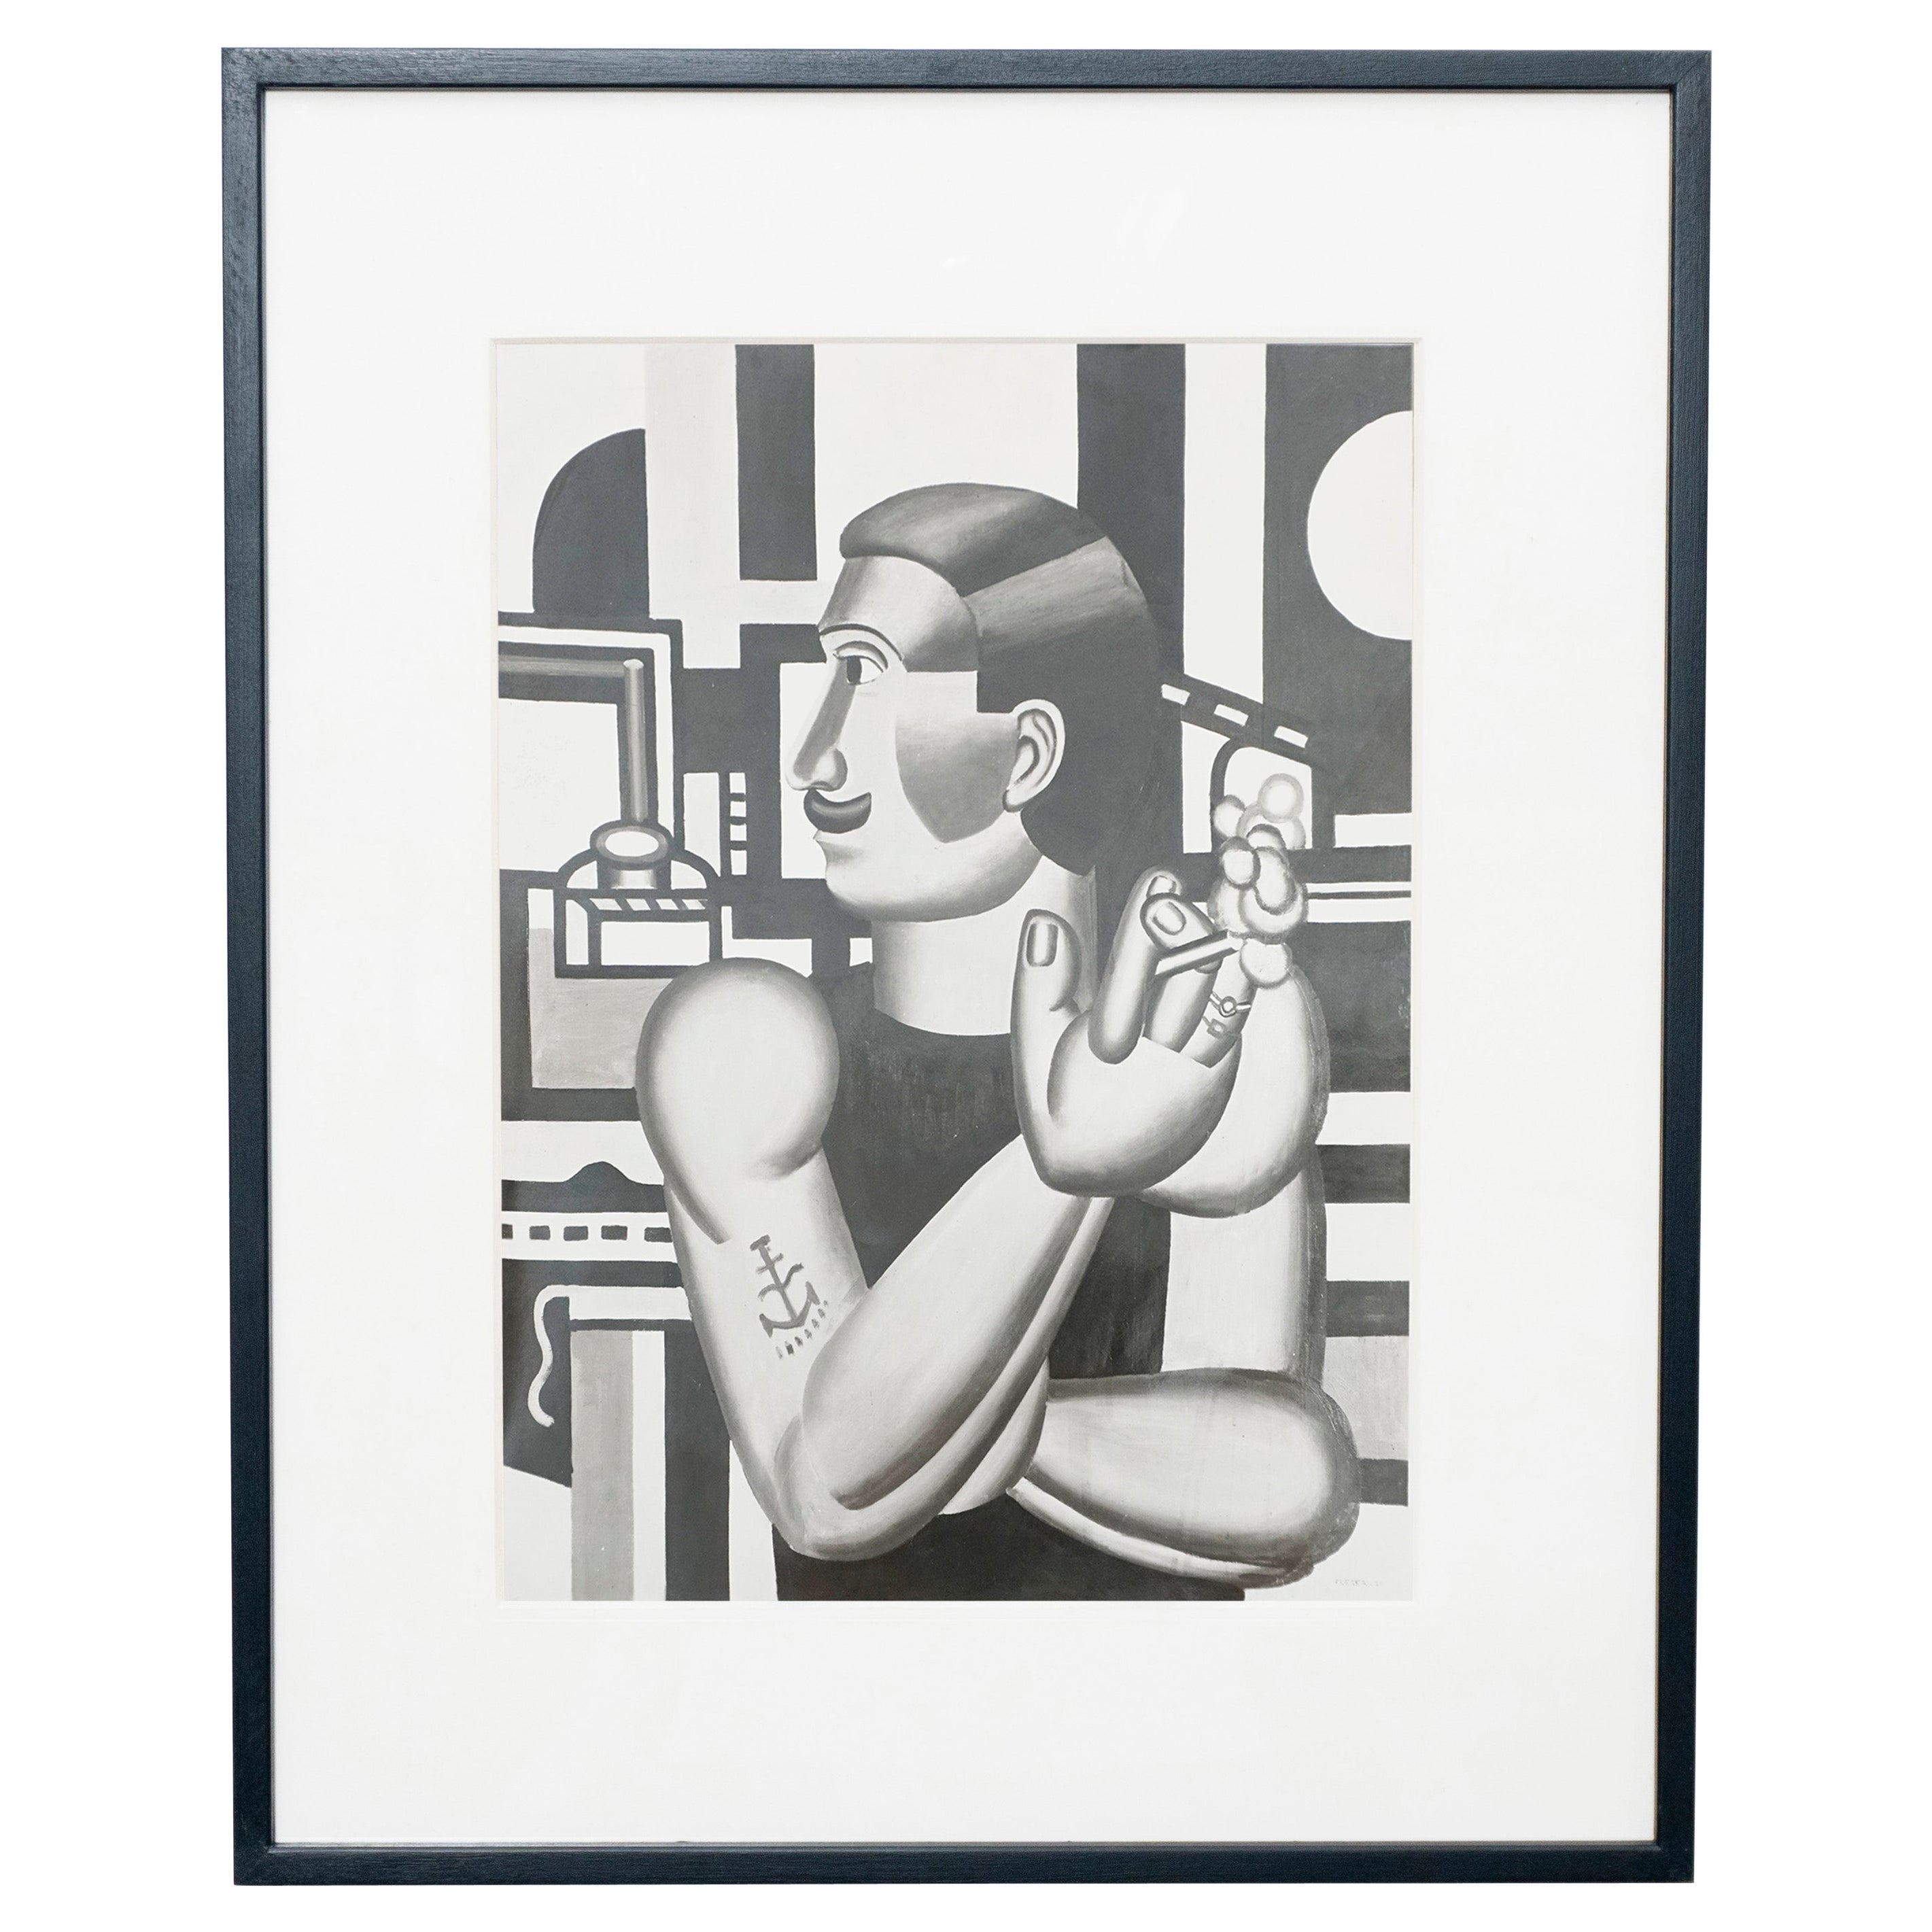 """Fernand Leger """"Le Mecanicien"""" Archive Photography by Louis Carré, 1953"""